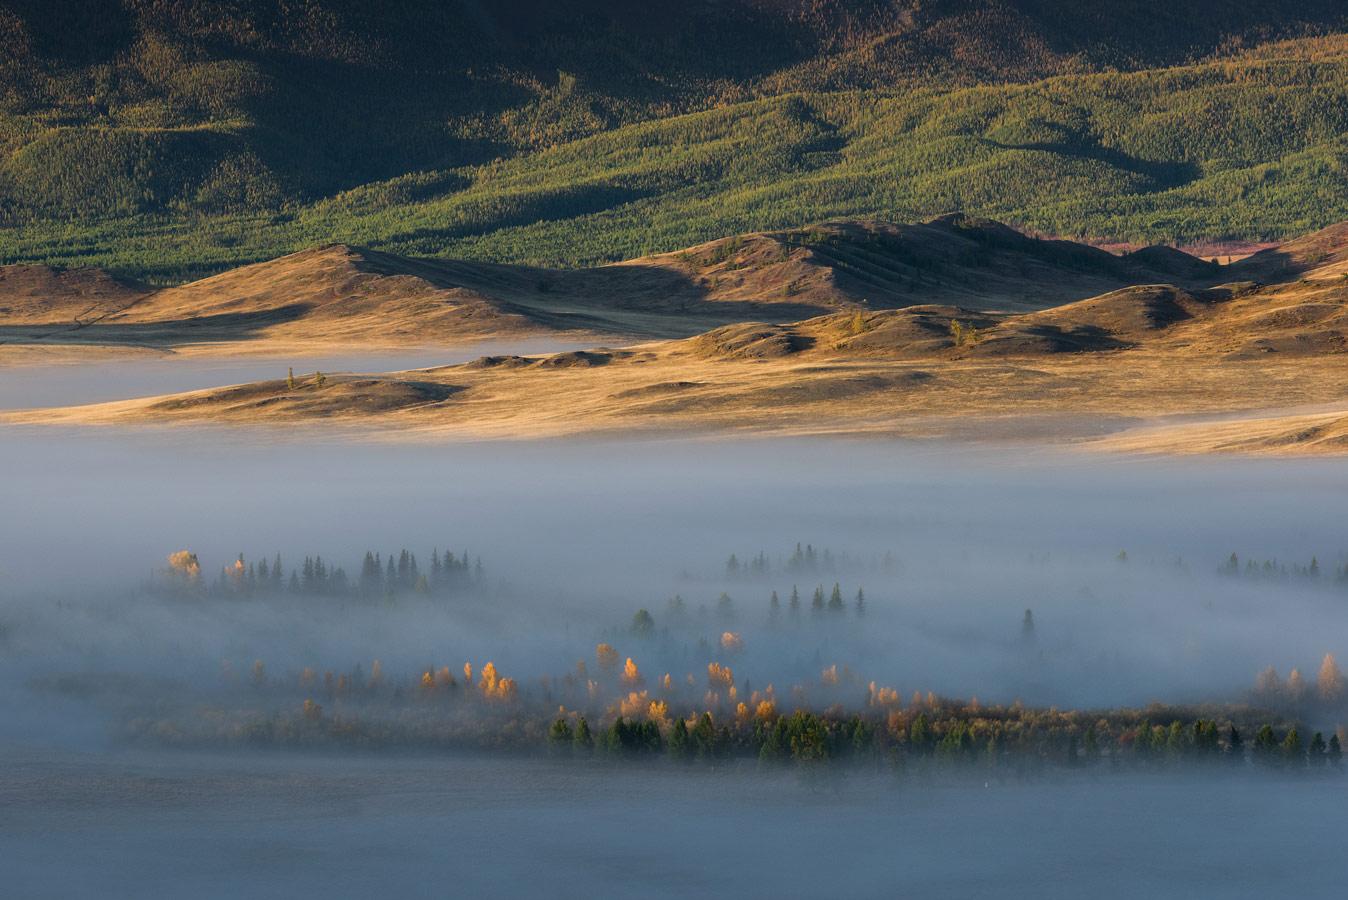 Белое на золотом, © Александр Рябенький, 2-е место в номинации «Пейзажи», Фотоконкурс «Дикая природа России» от National Geographic